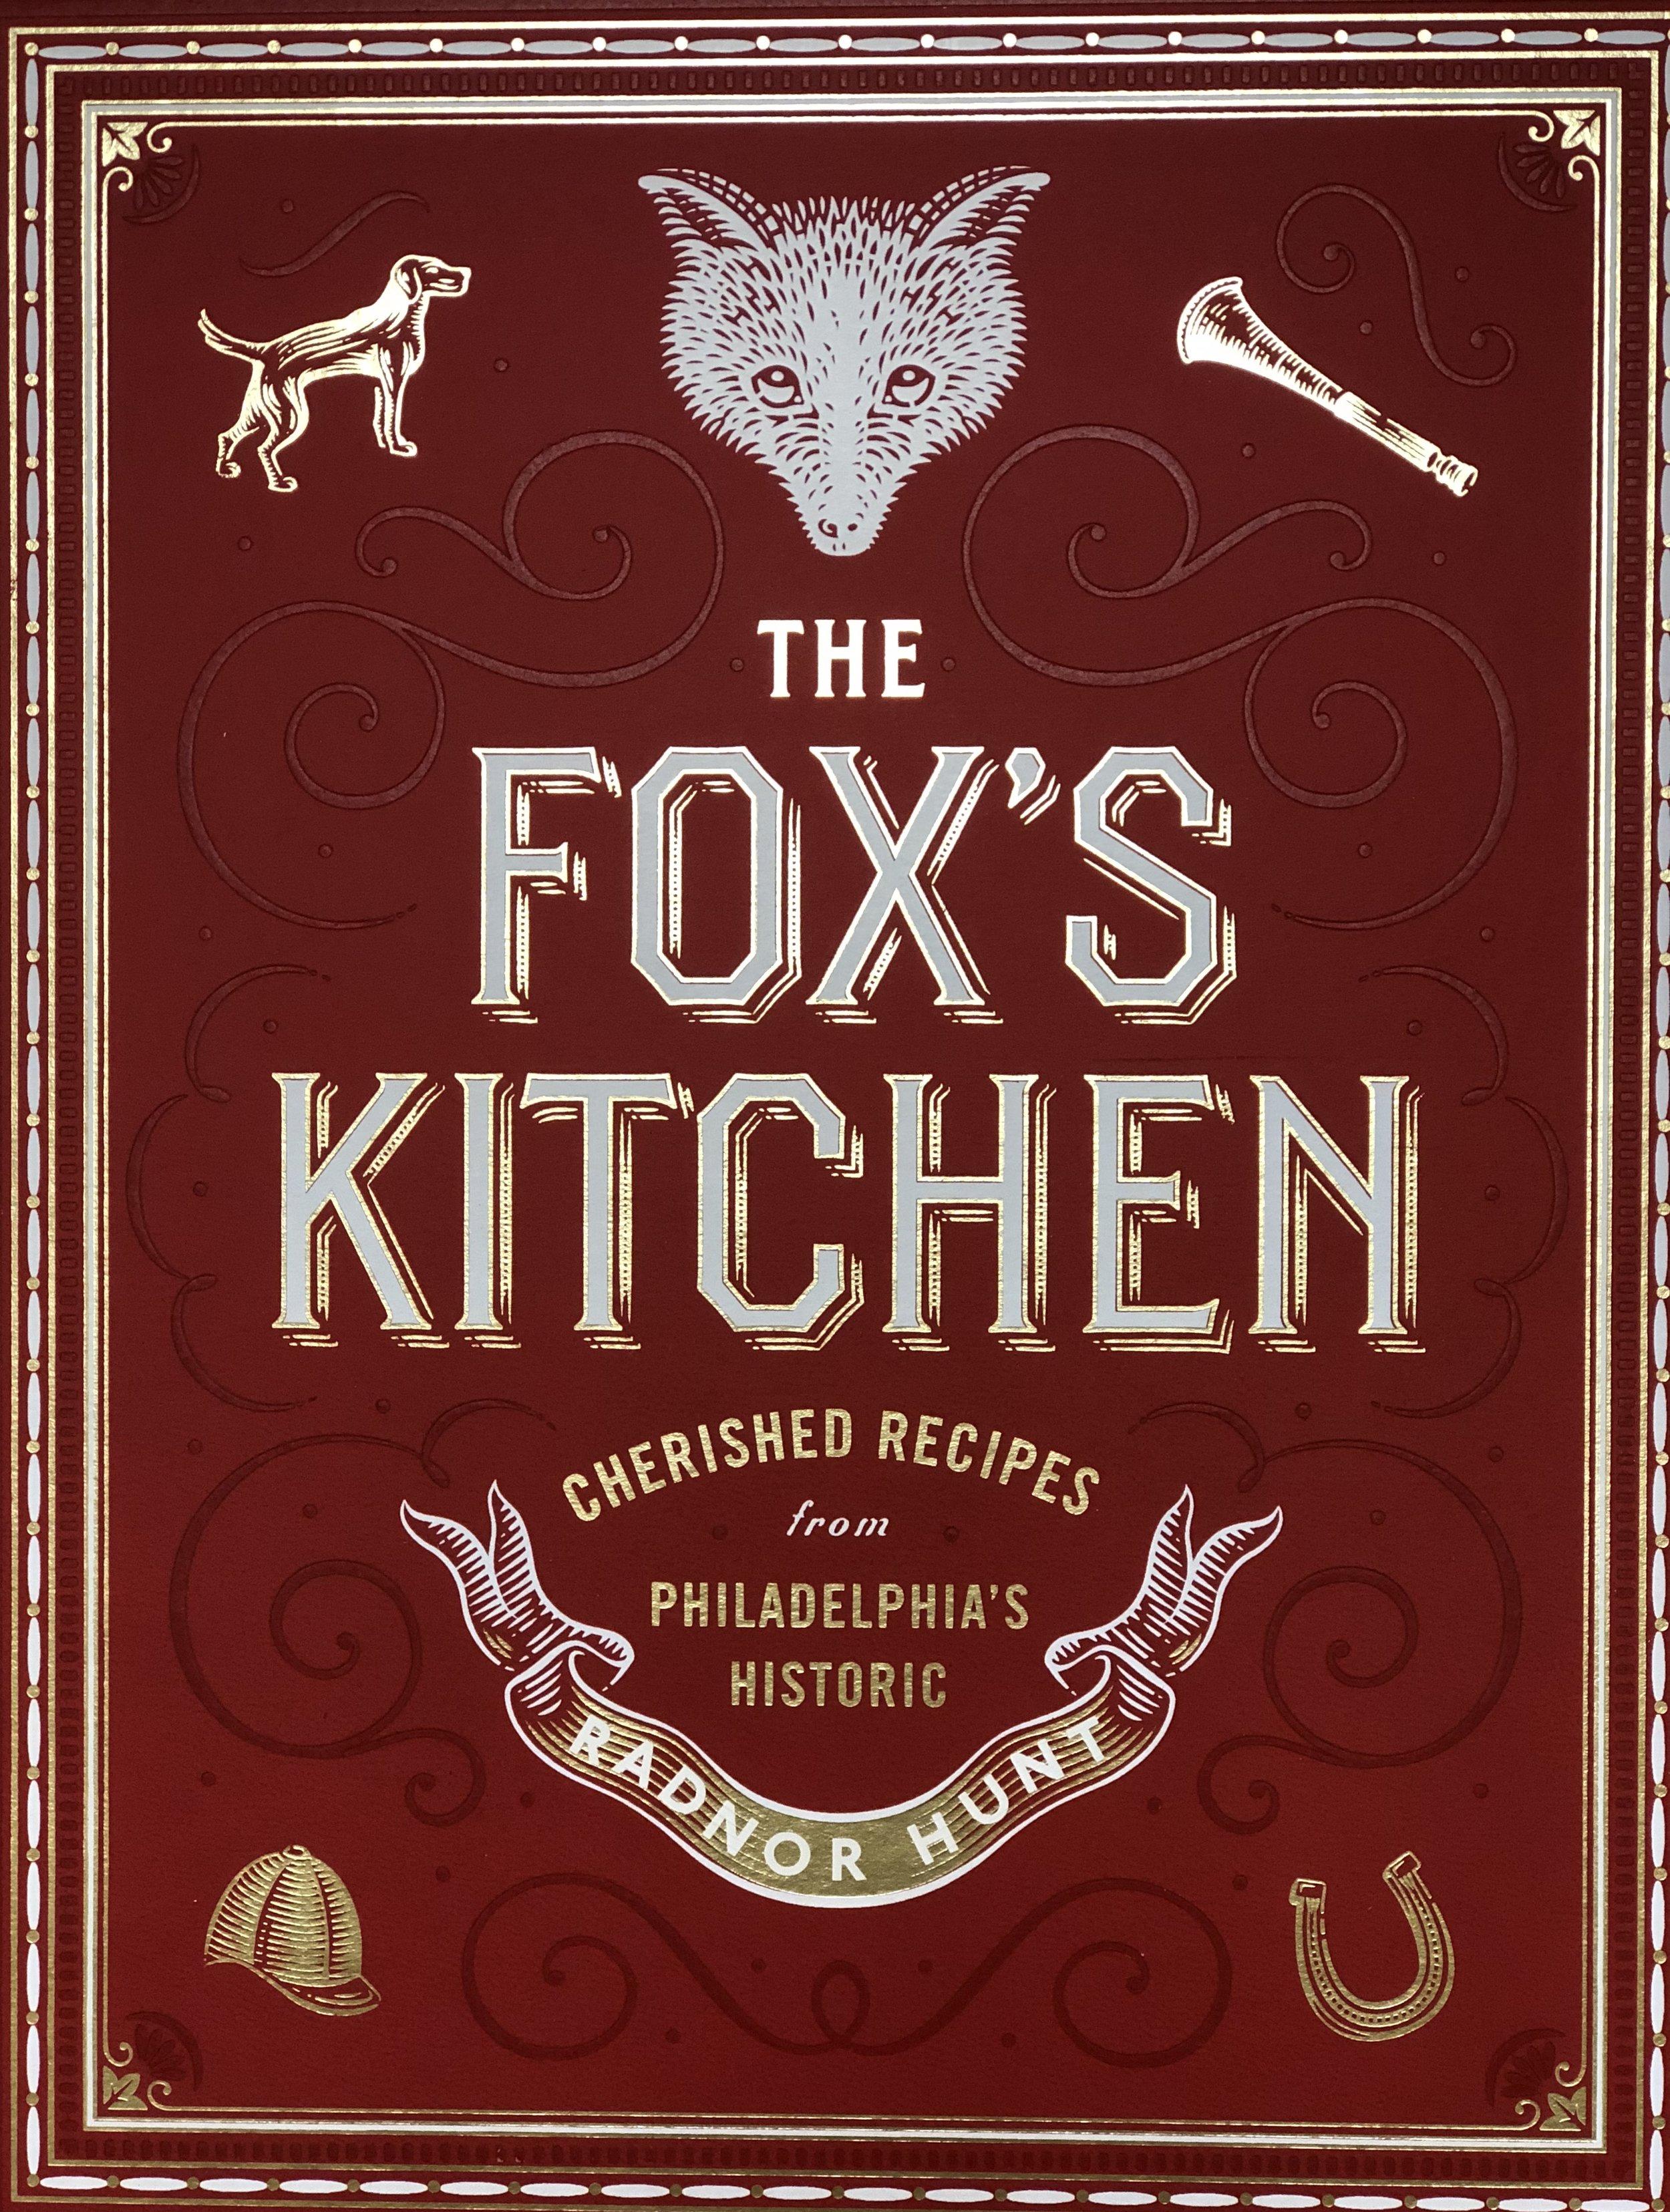 The Fox's Kitchen - $45.00